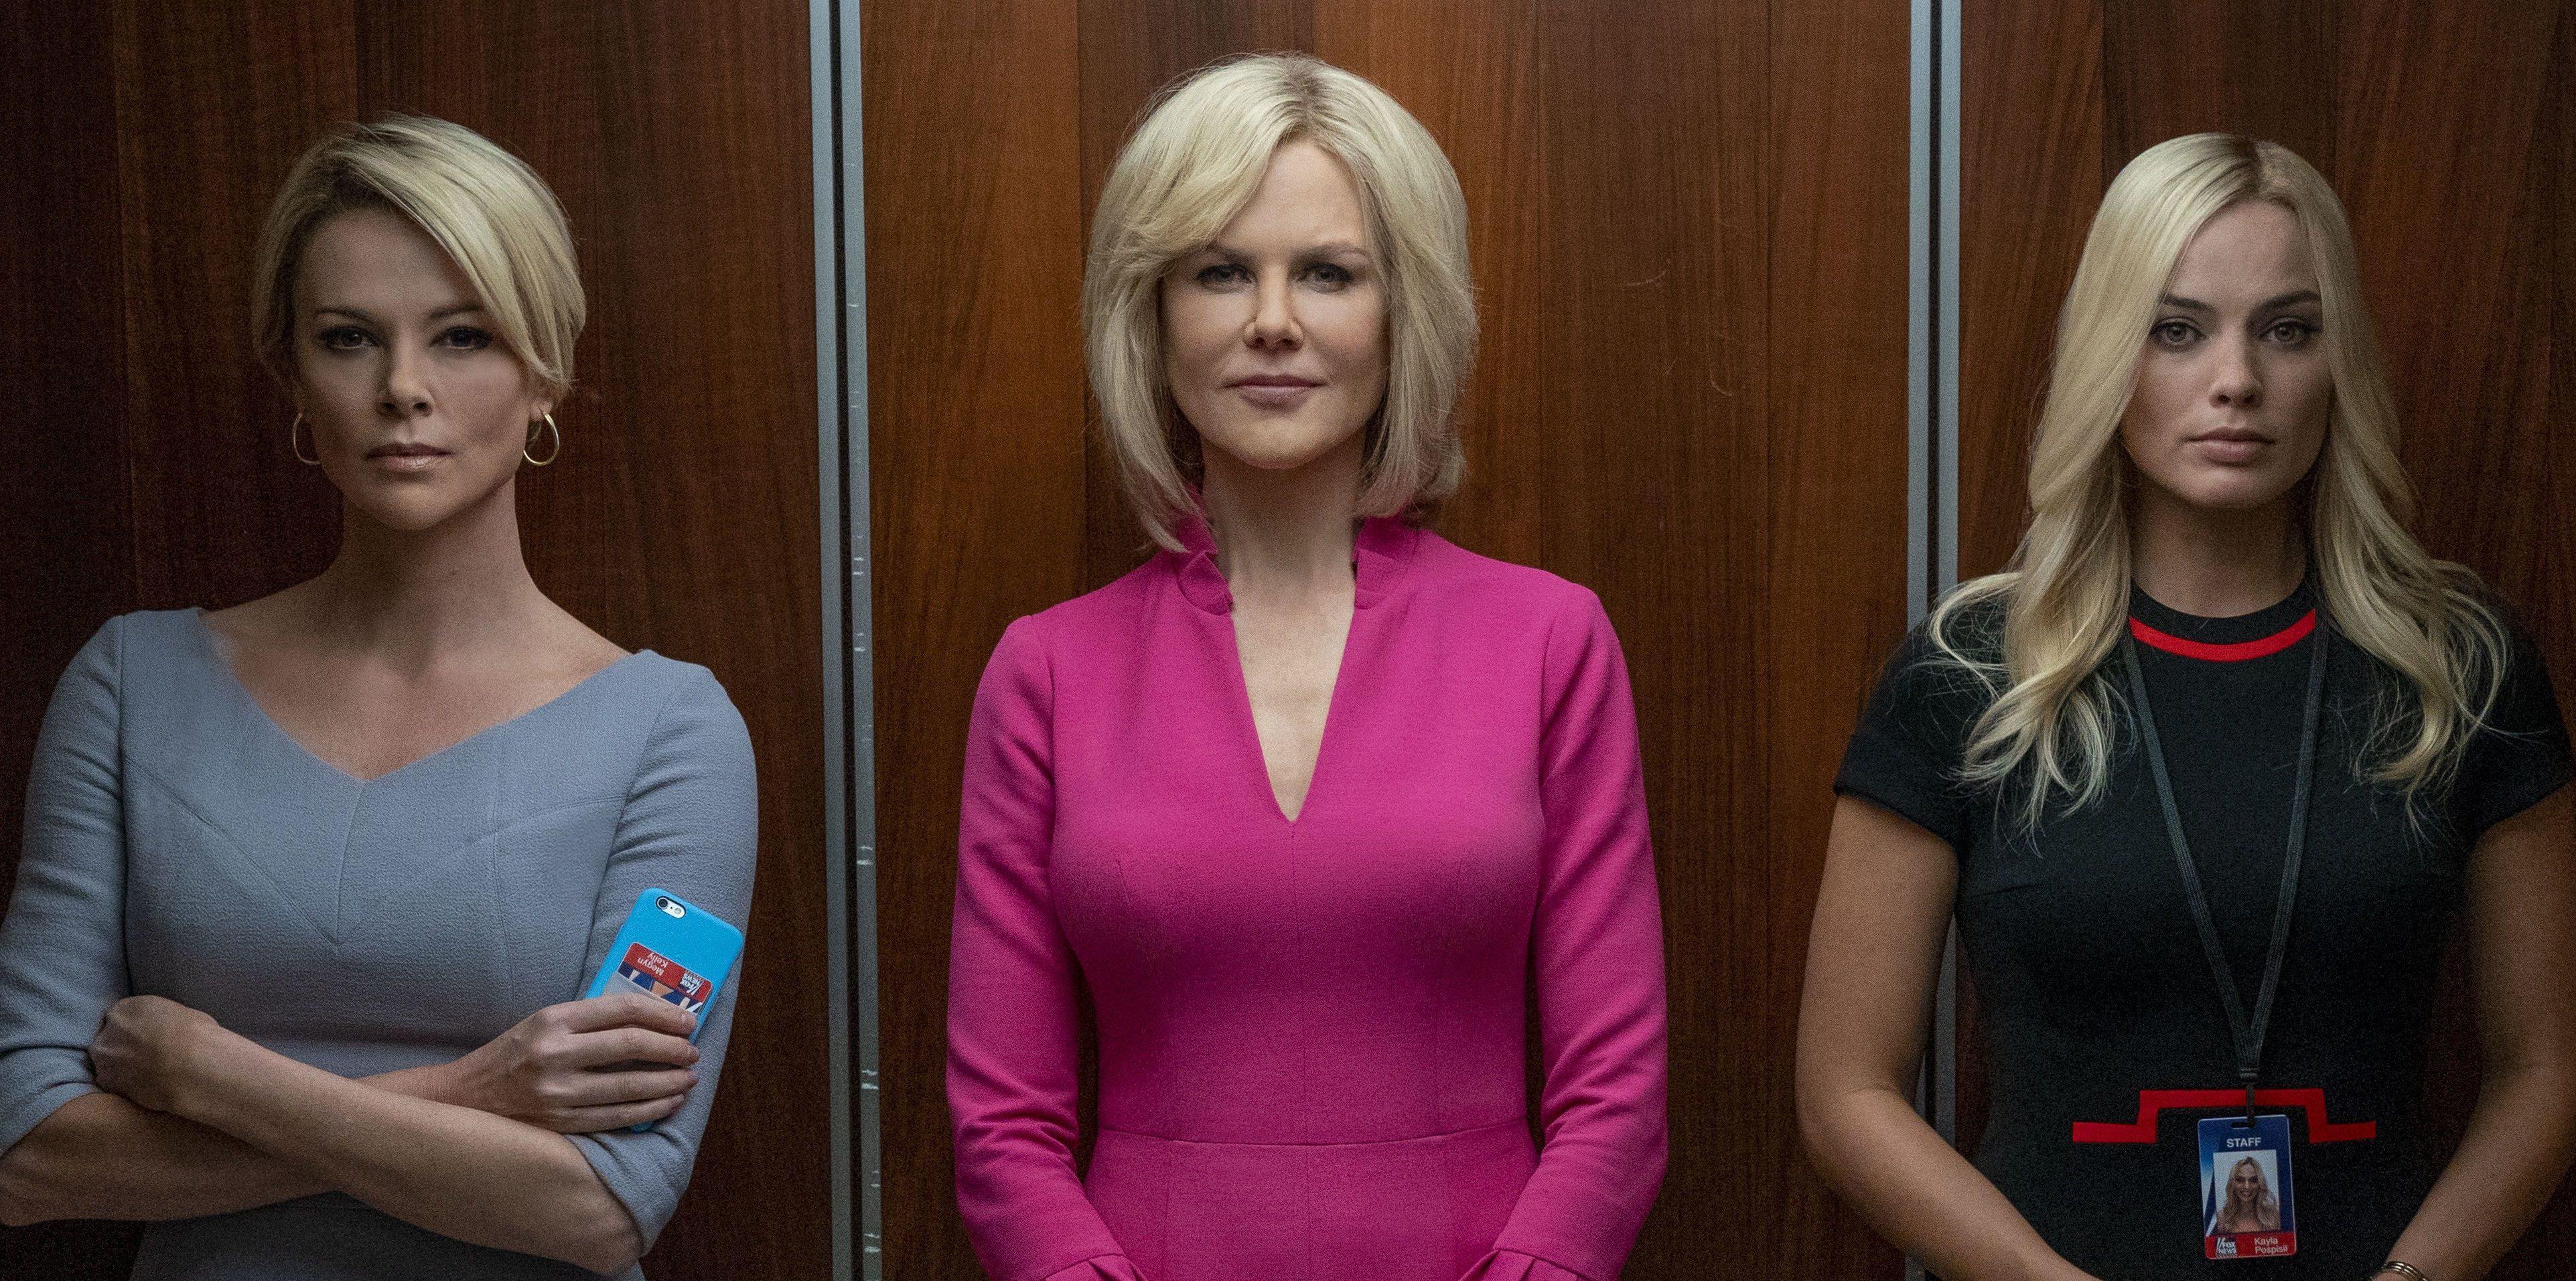 El escándalo sexual que estalló en Fox News y que inspiró la película Bombshell